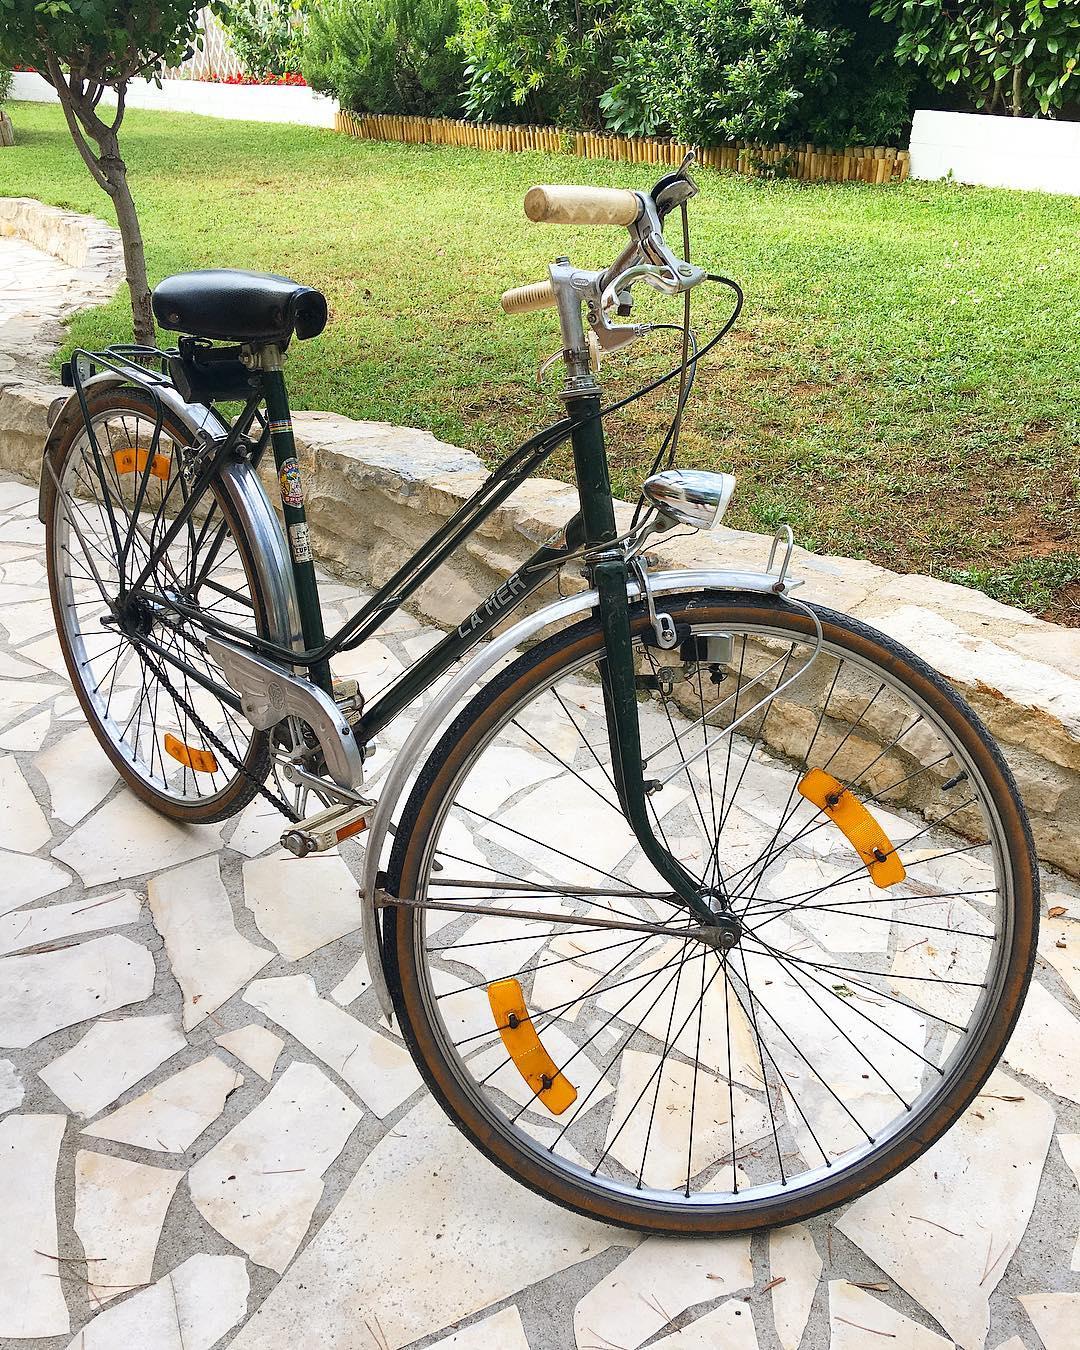 Mon beau vélo ?... #passionvelovintage  _______________  #velo #velovintage #sport #balade #montpellier #pintademontpellier #pimpmyride #xzibit #pimpmyvelo #bike